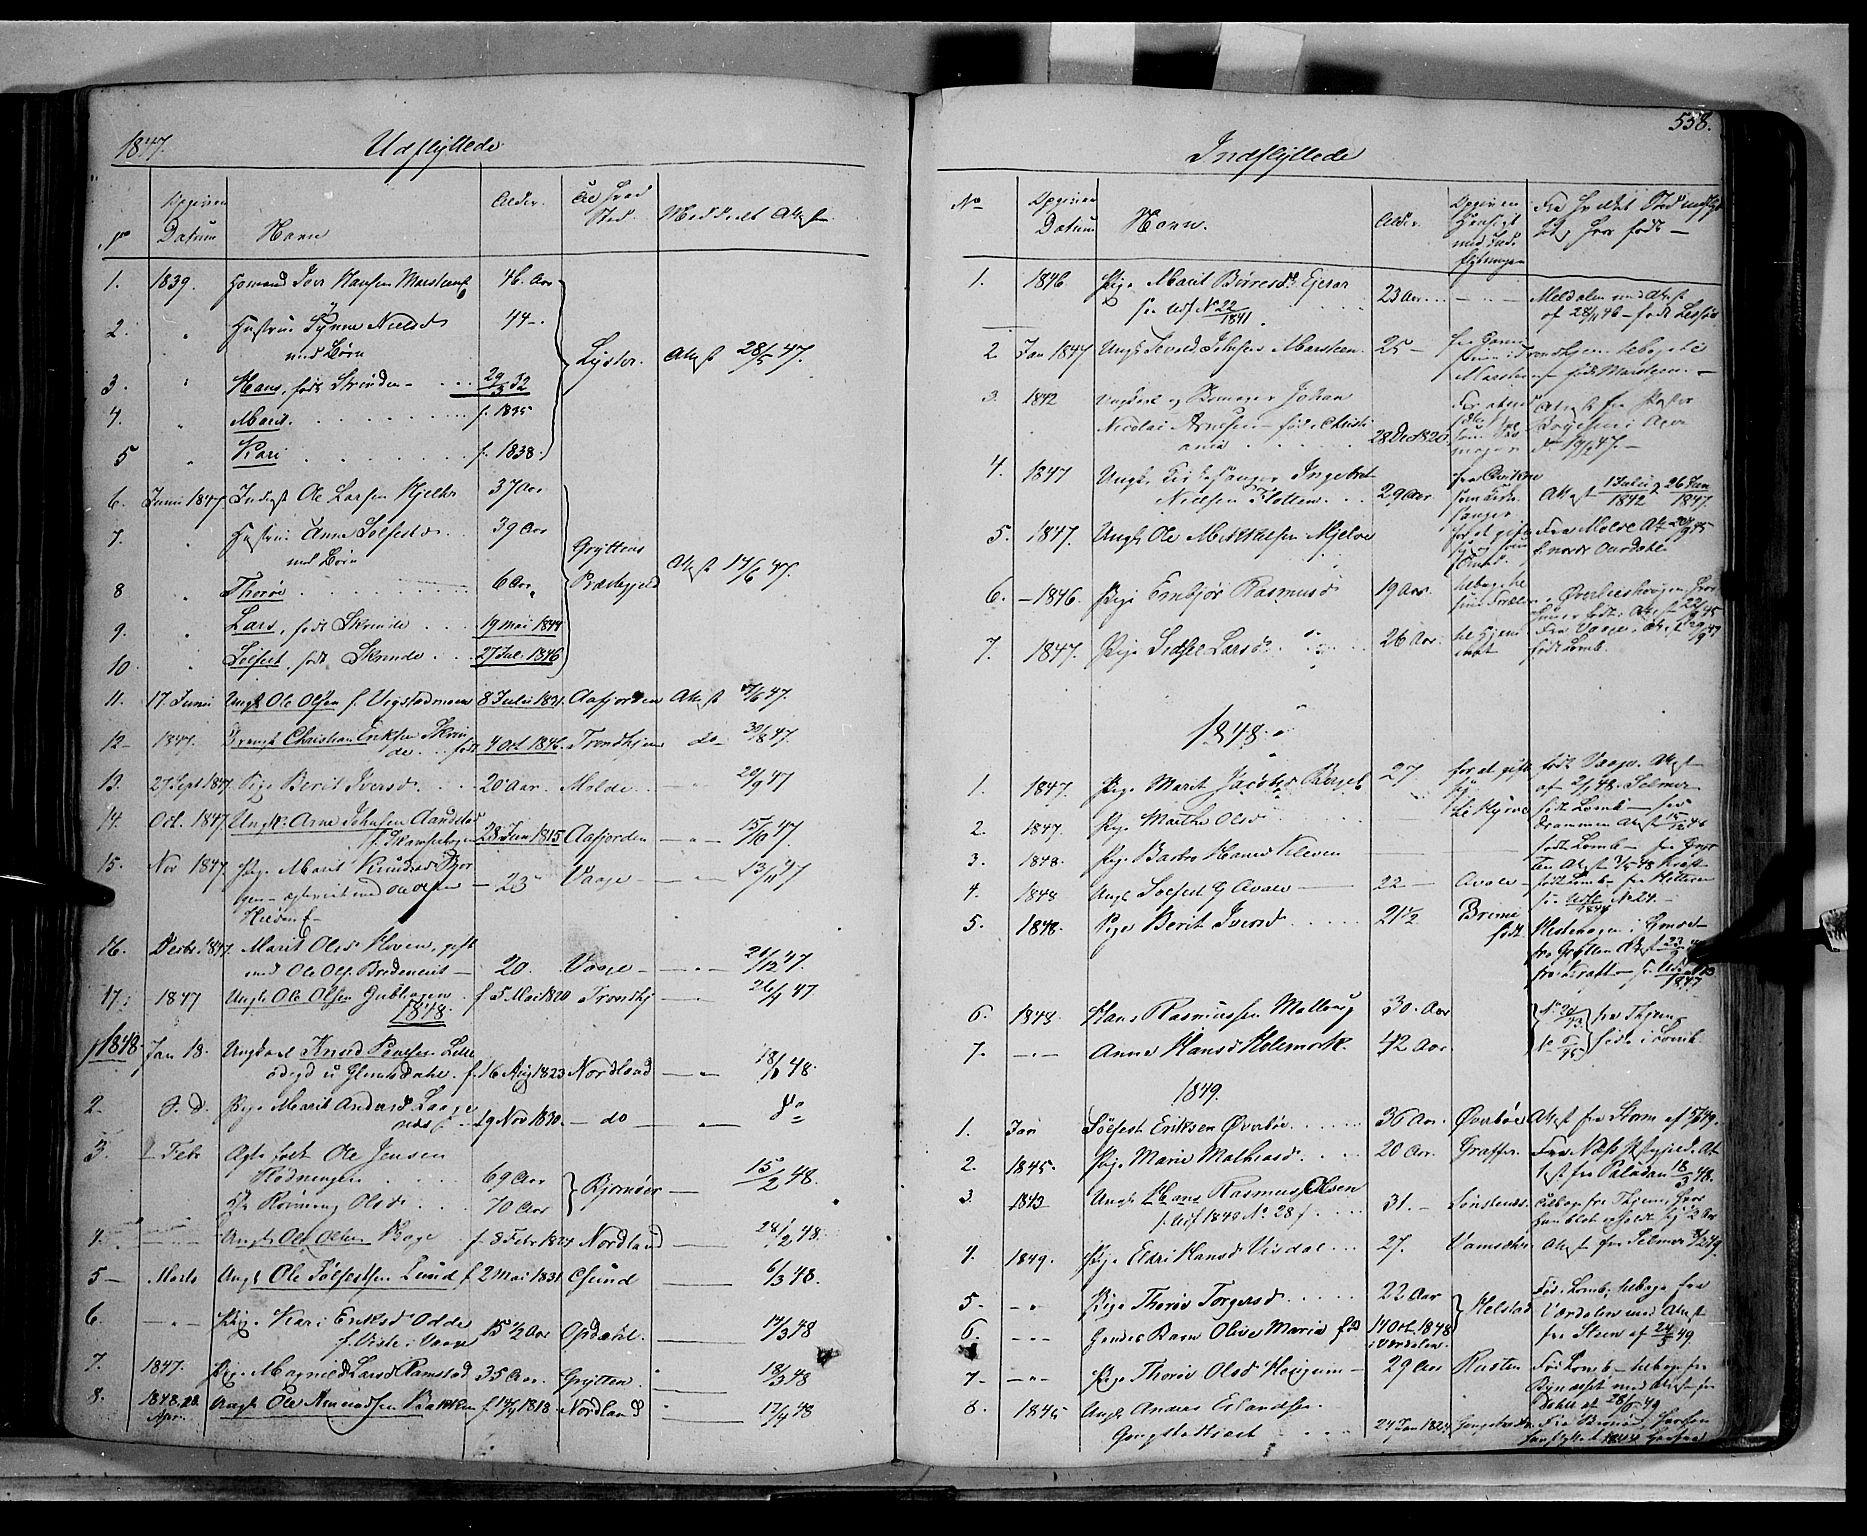 SAH, Lom prestekontor, K/L0006: Ministerialbok nr. 6B, 1837-1863, s. 558